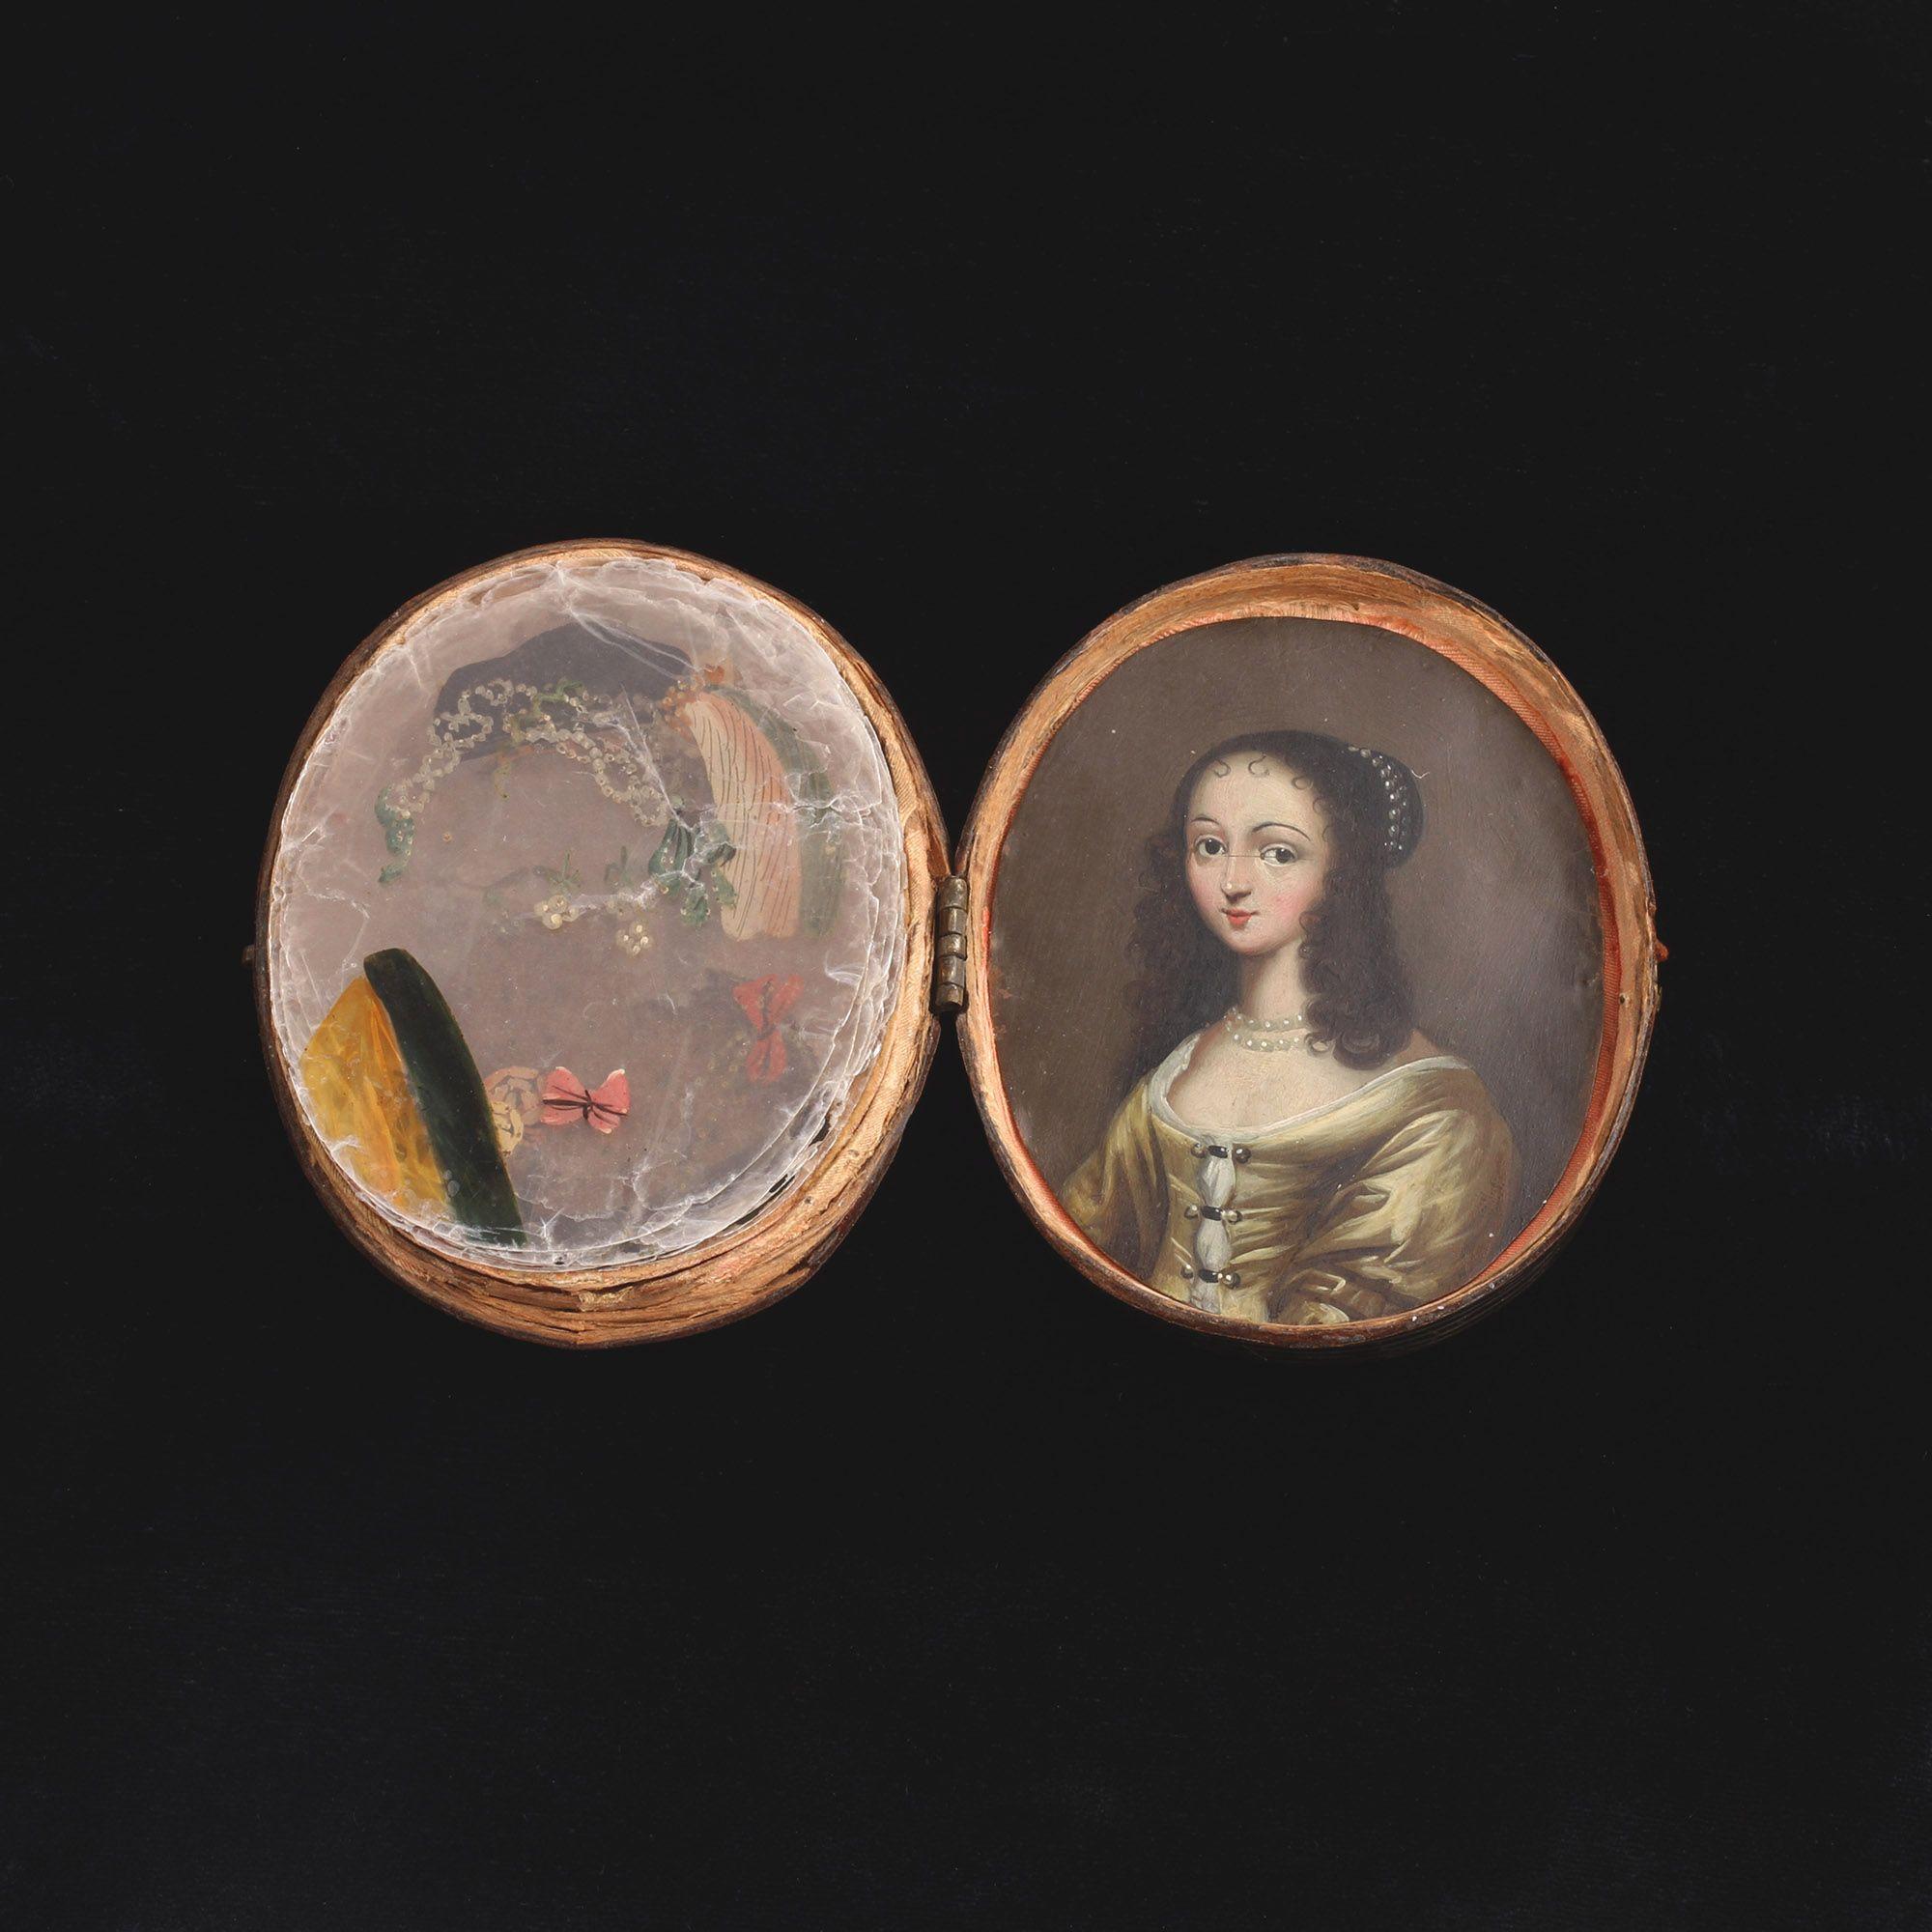 Stuart Portrait Miniature with Painted Mica Lenses